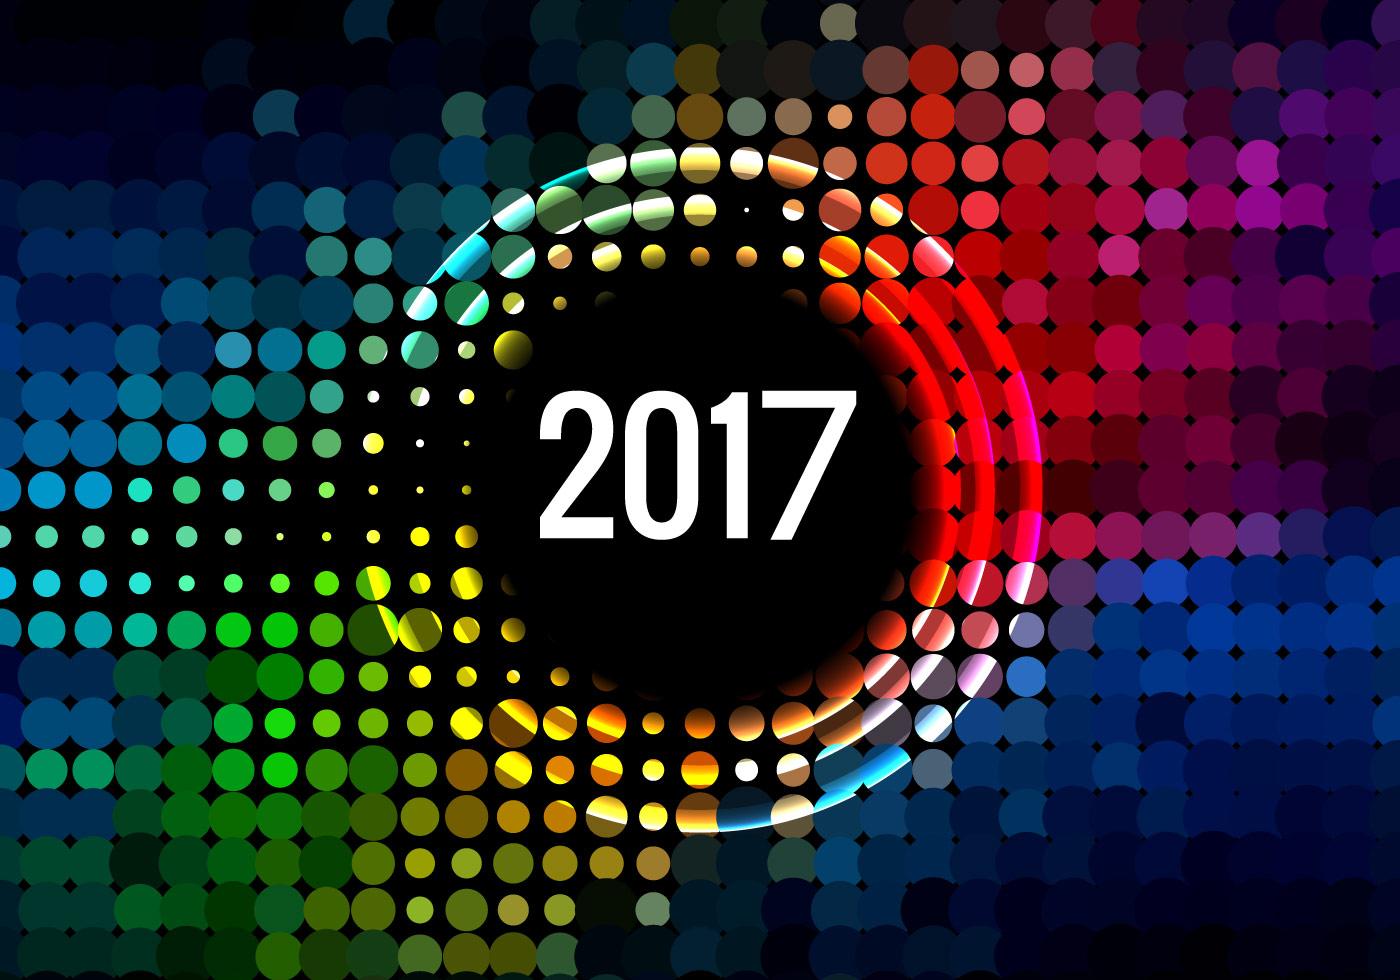 Zhodnotenie roka 2017